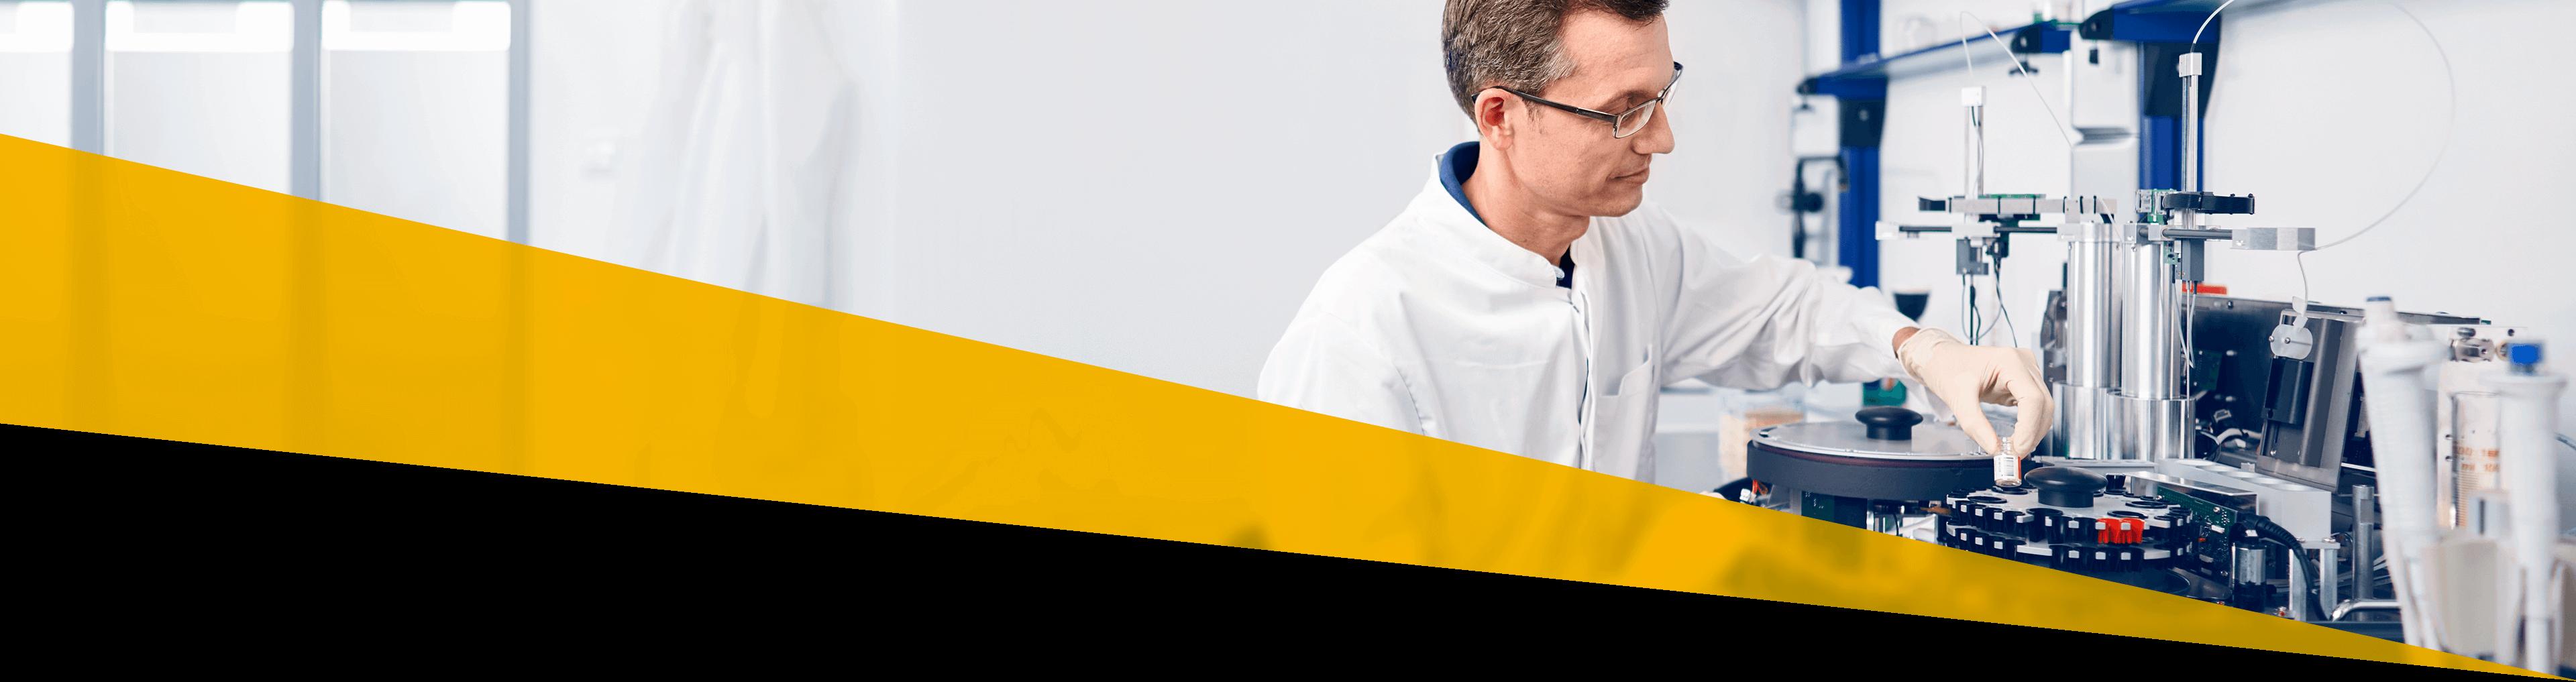 Anwendungsgebiete bei LRE Medical in München